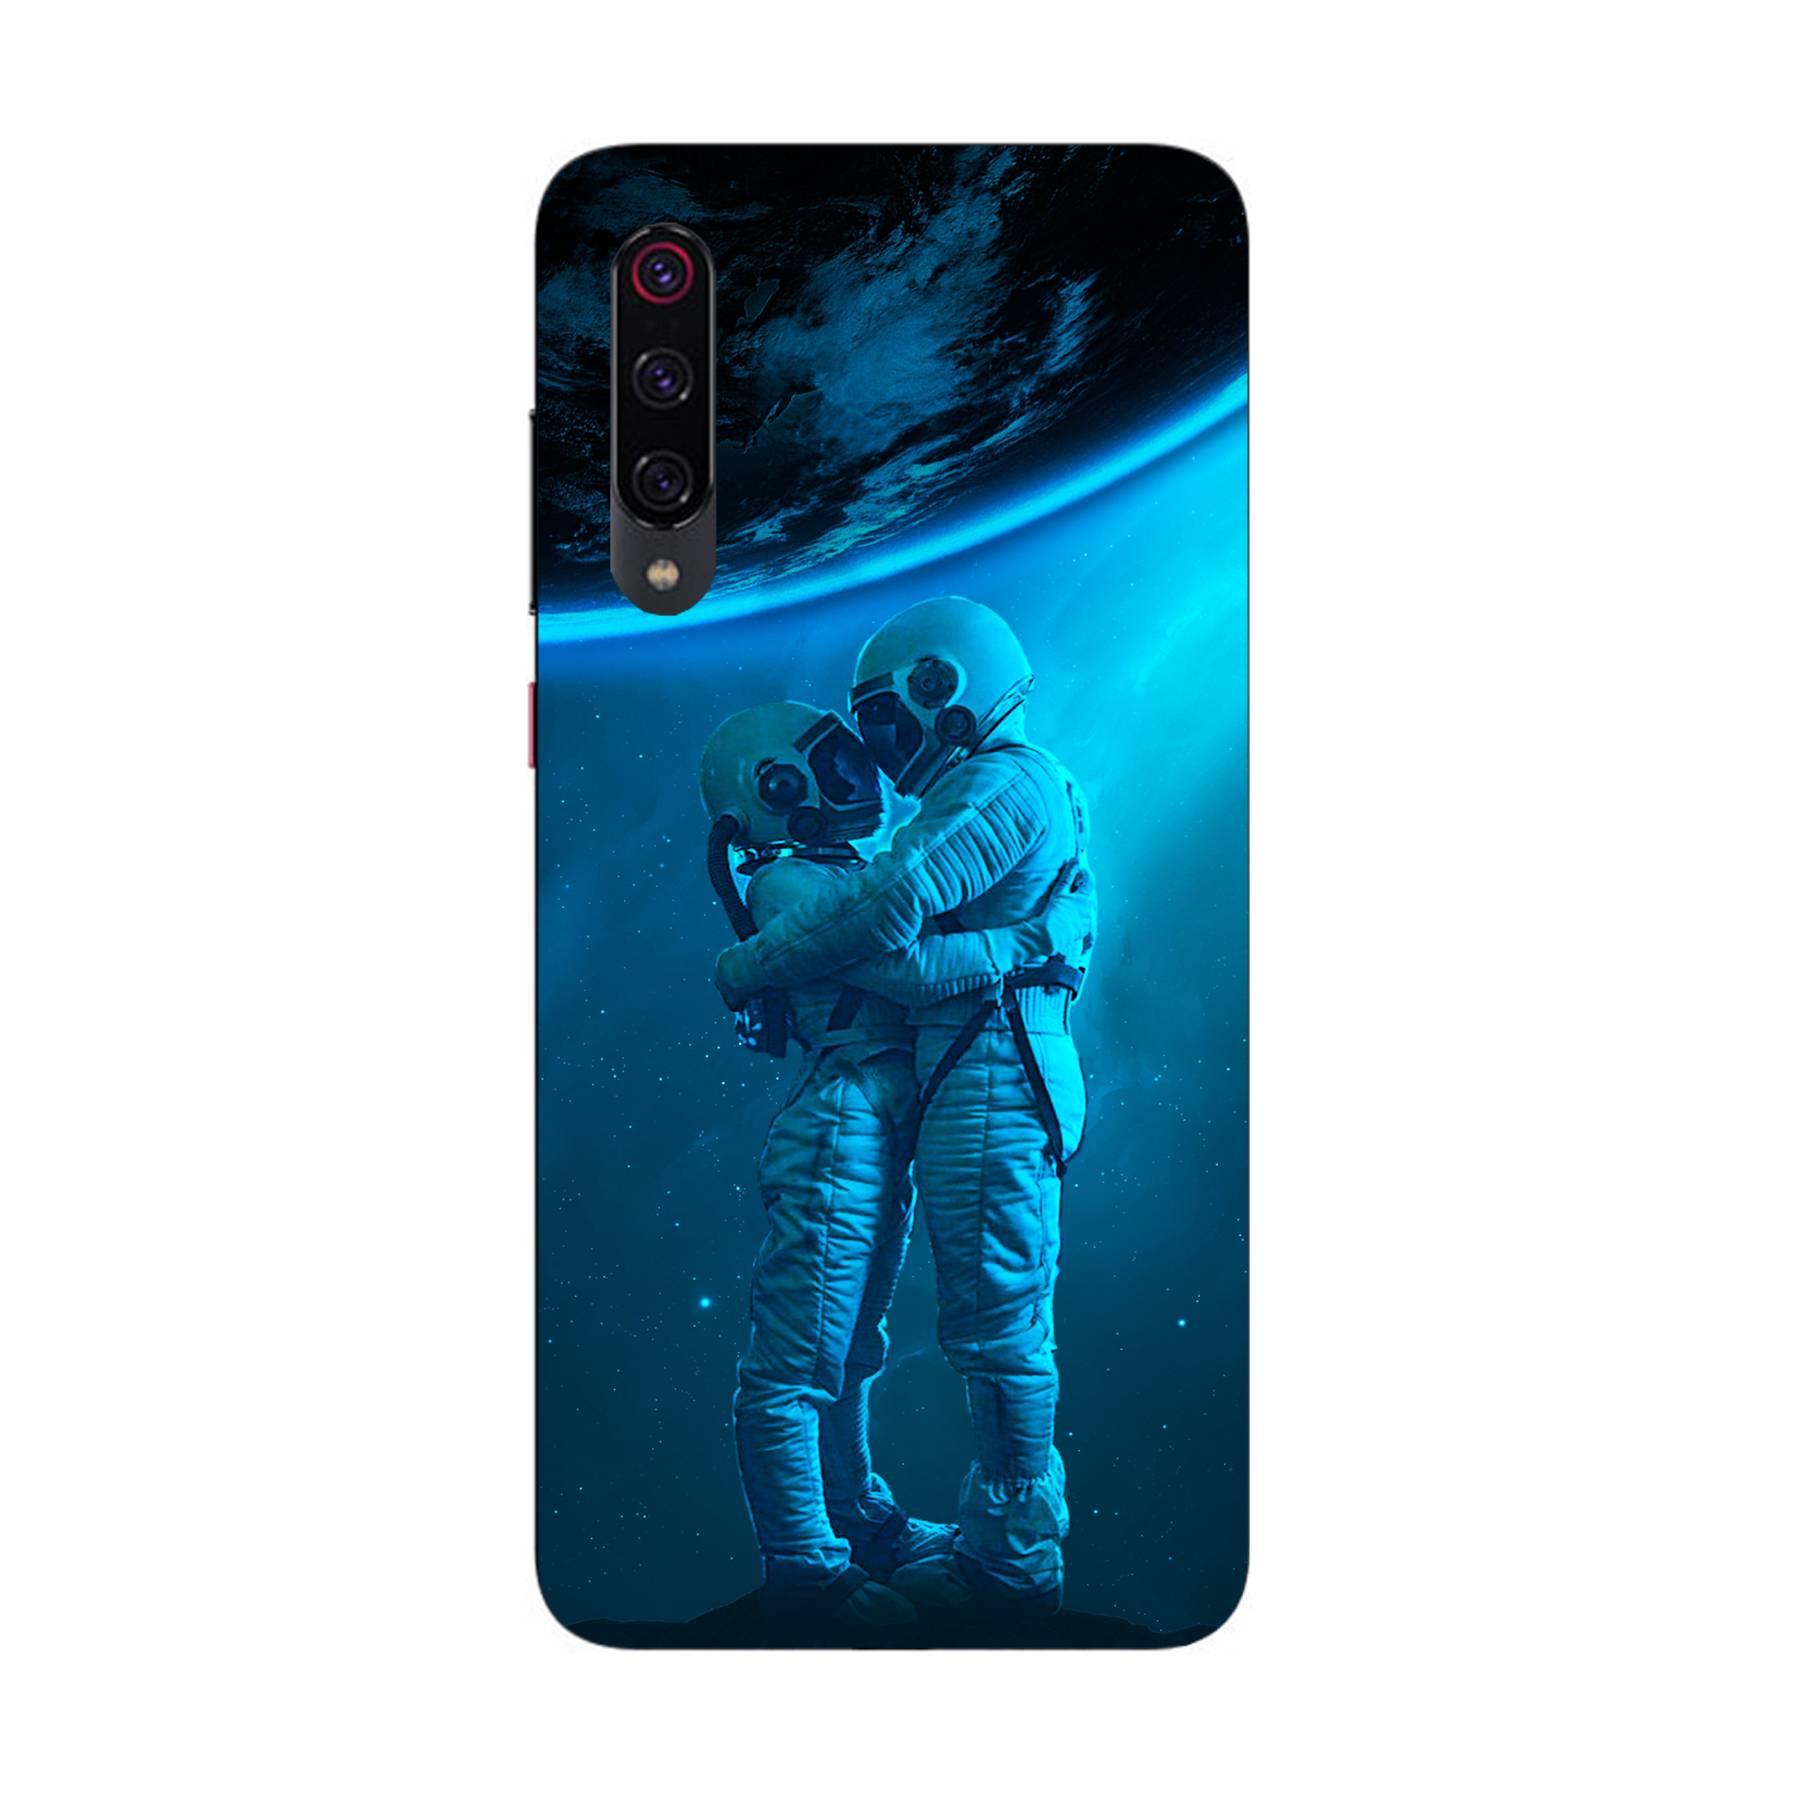 E-pic szilikon védő tok / hátlap - Szerelmes űrhajós pár mintás - Xiaomi Mi 9 Pro 5G